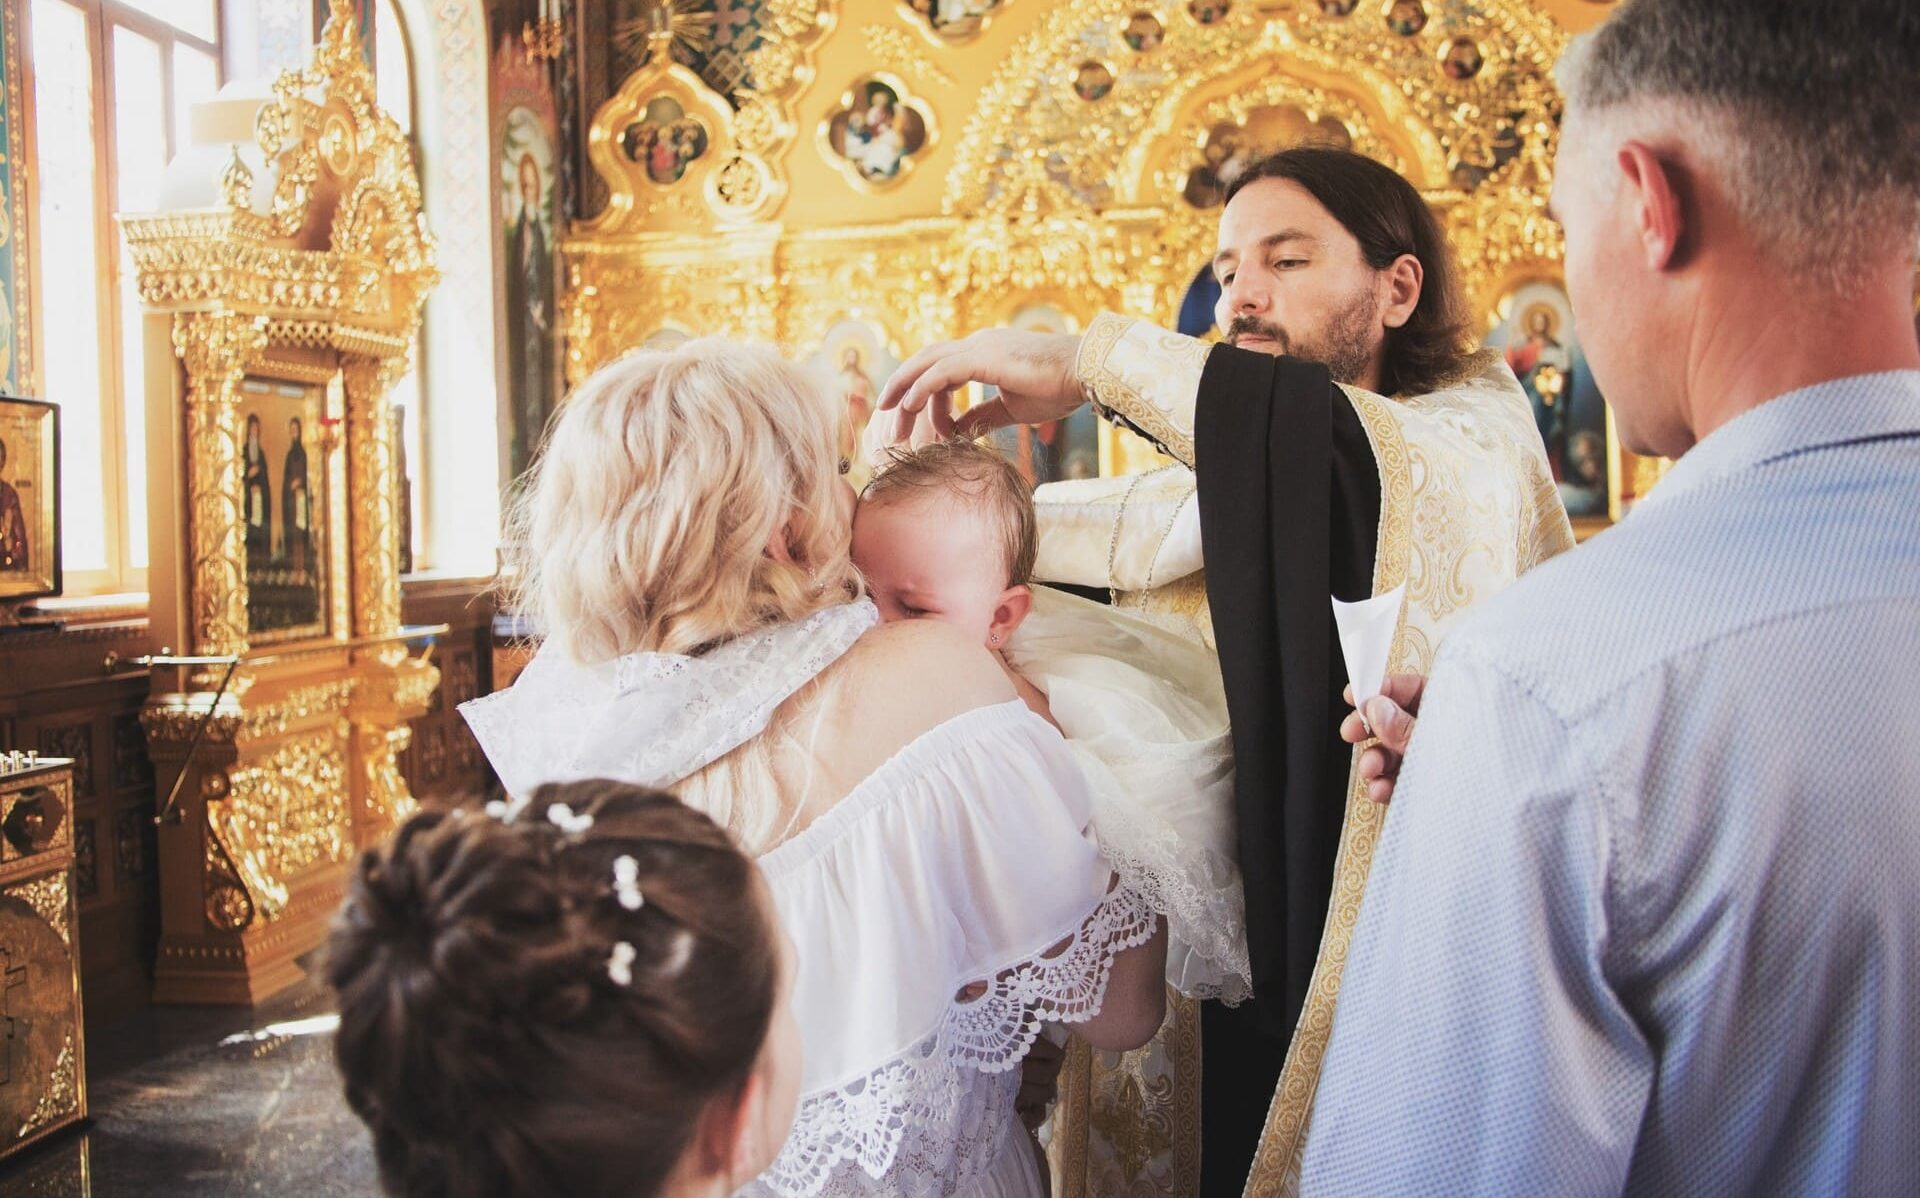 Видеосъемка крещения ребенка в СПб. Видеосъемка крещения в Петербурге